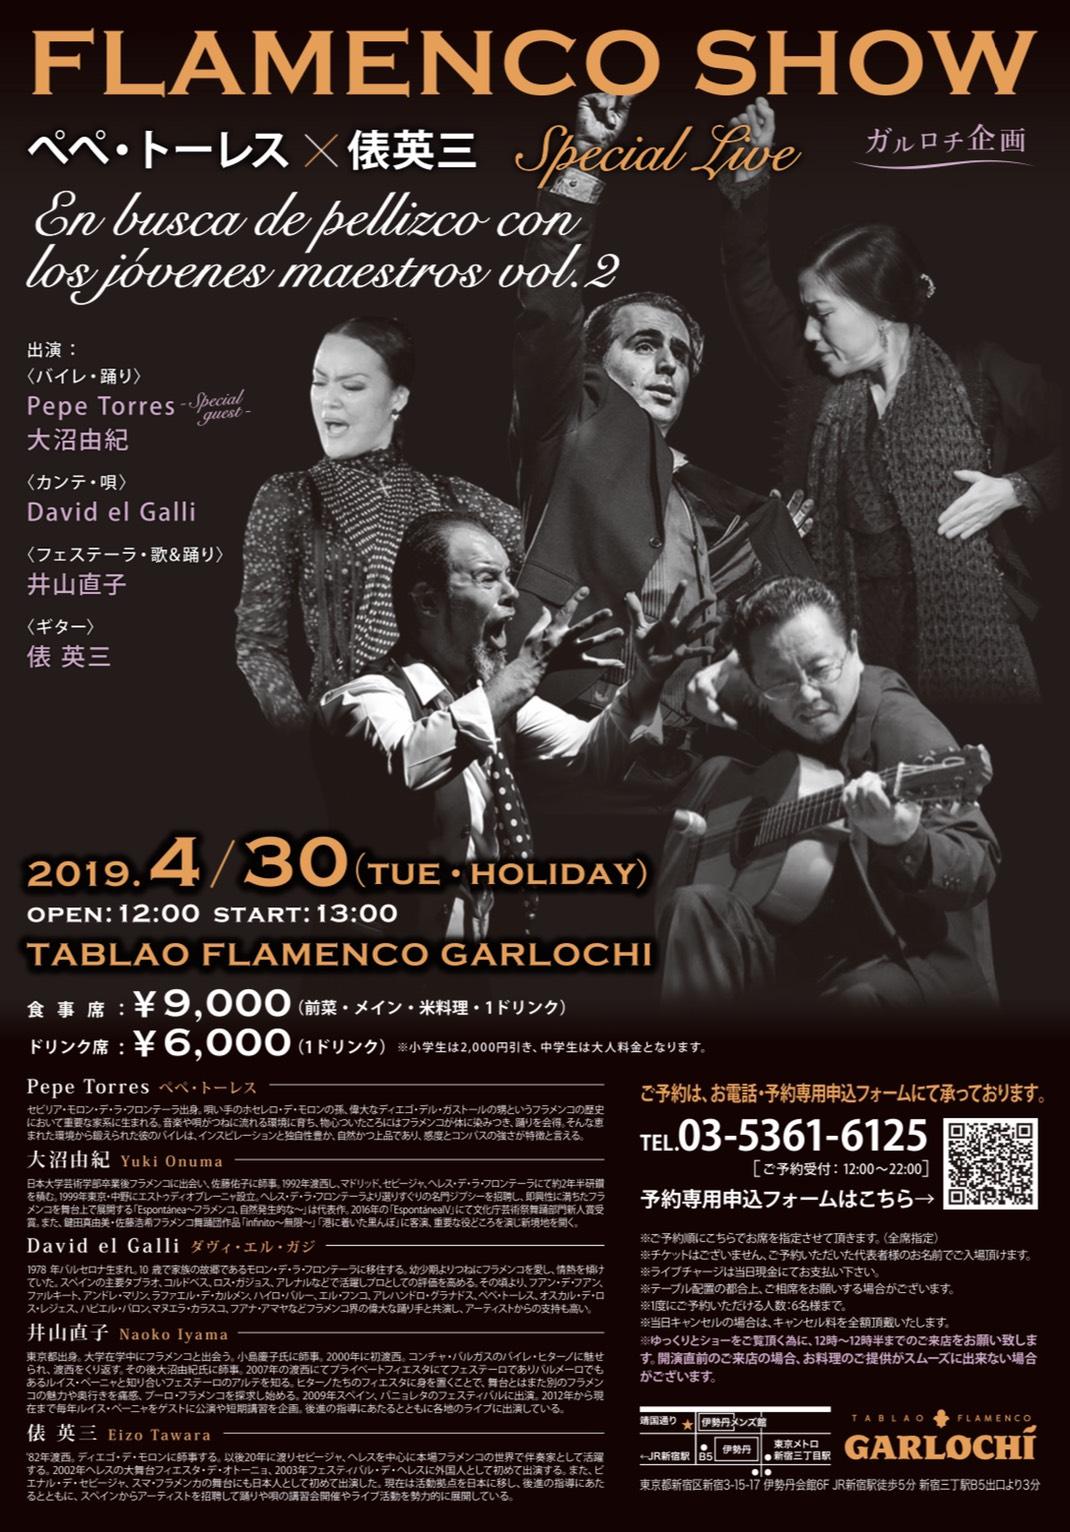 ガルロチ企画 Pepe Torres×俵英三 Special Live〜En busca de pellizco con los jóvenes maestros Vol.2〜